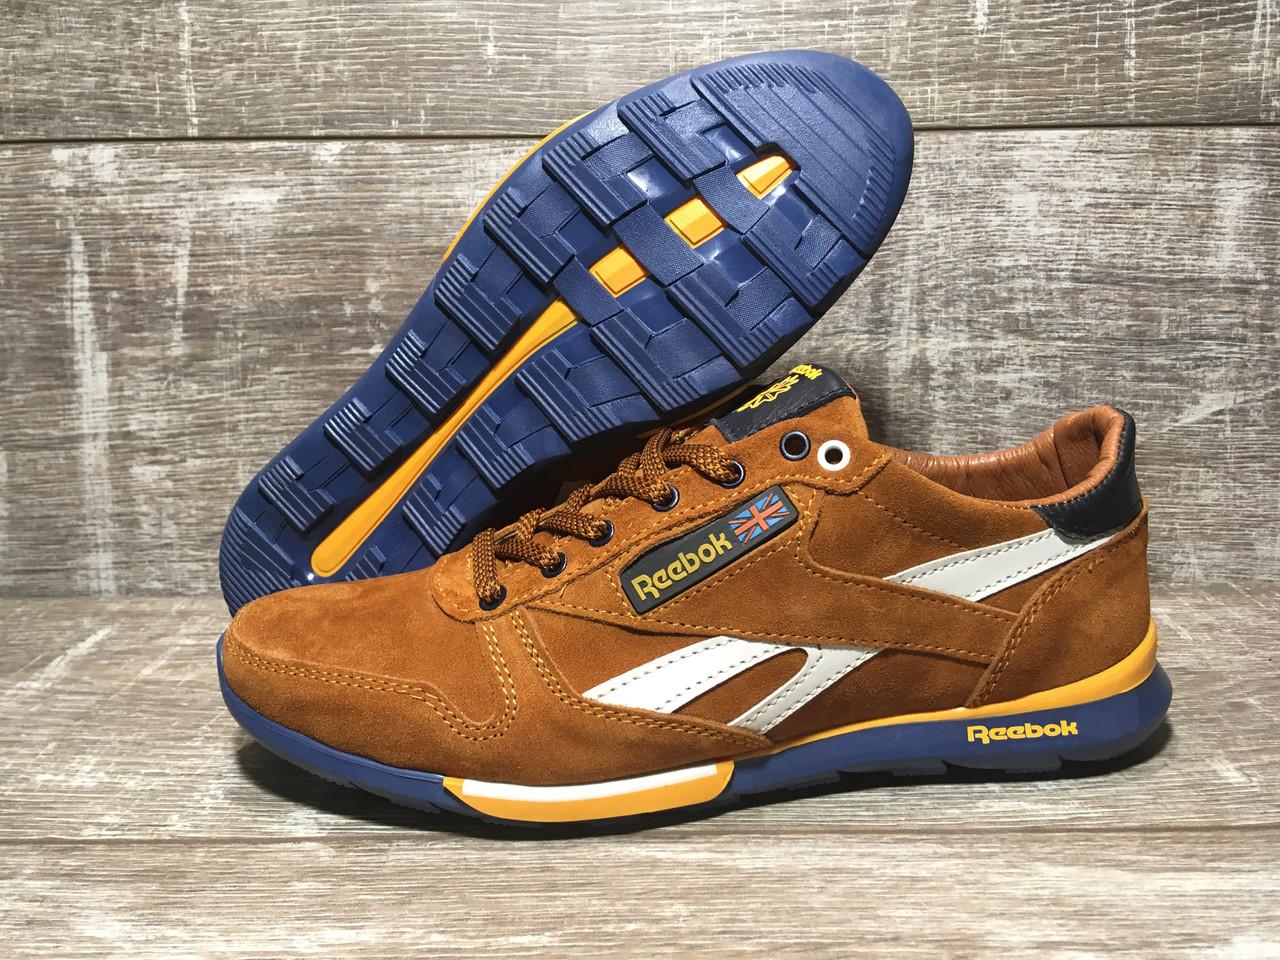 Мужские кожаные кроссовки Reebok 42 - Интернет-магазин обуви